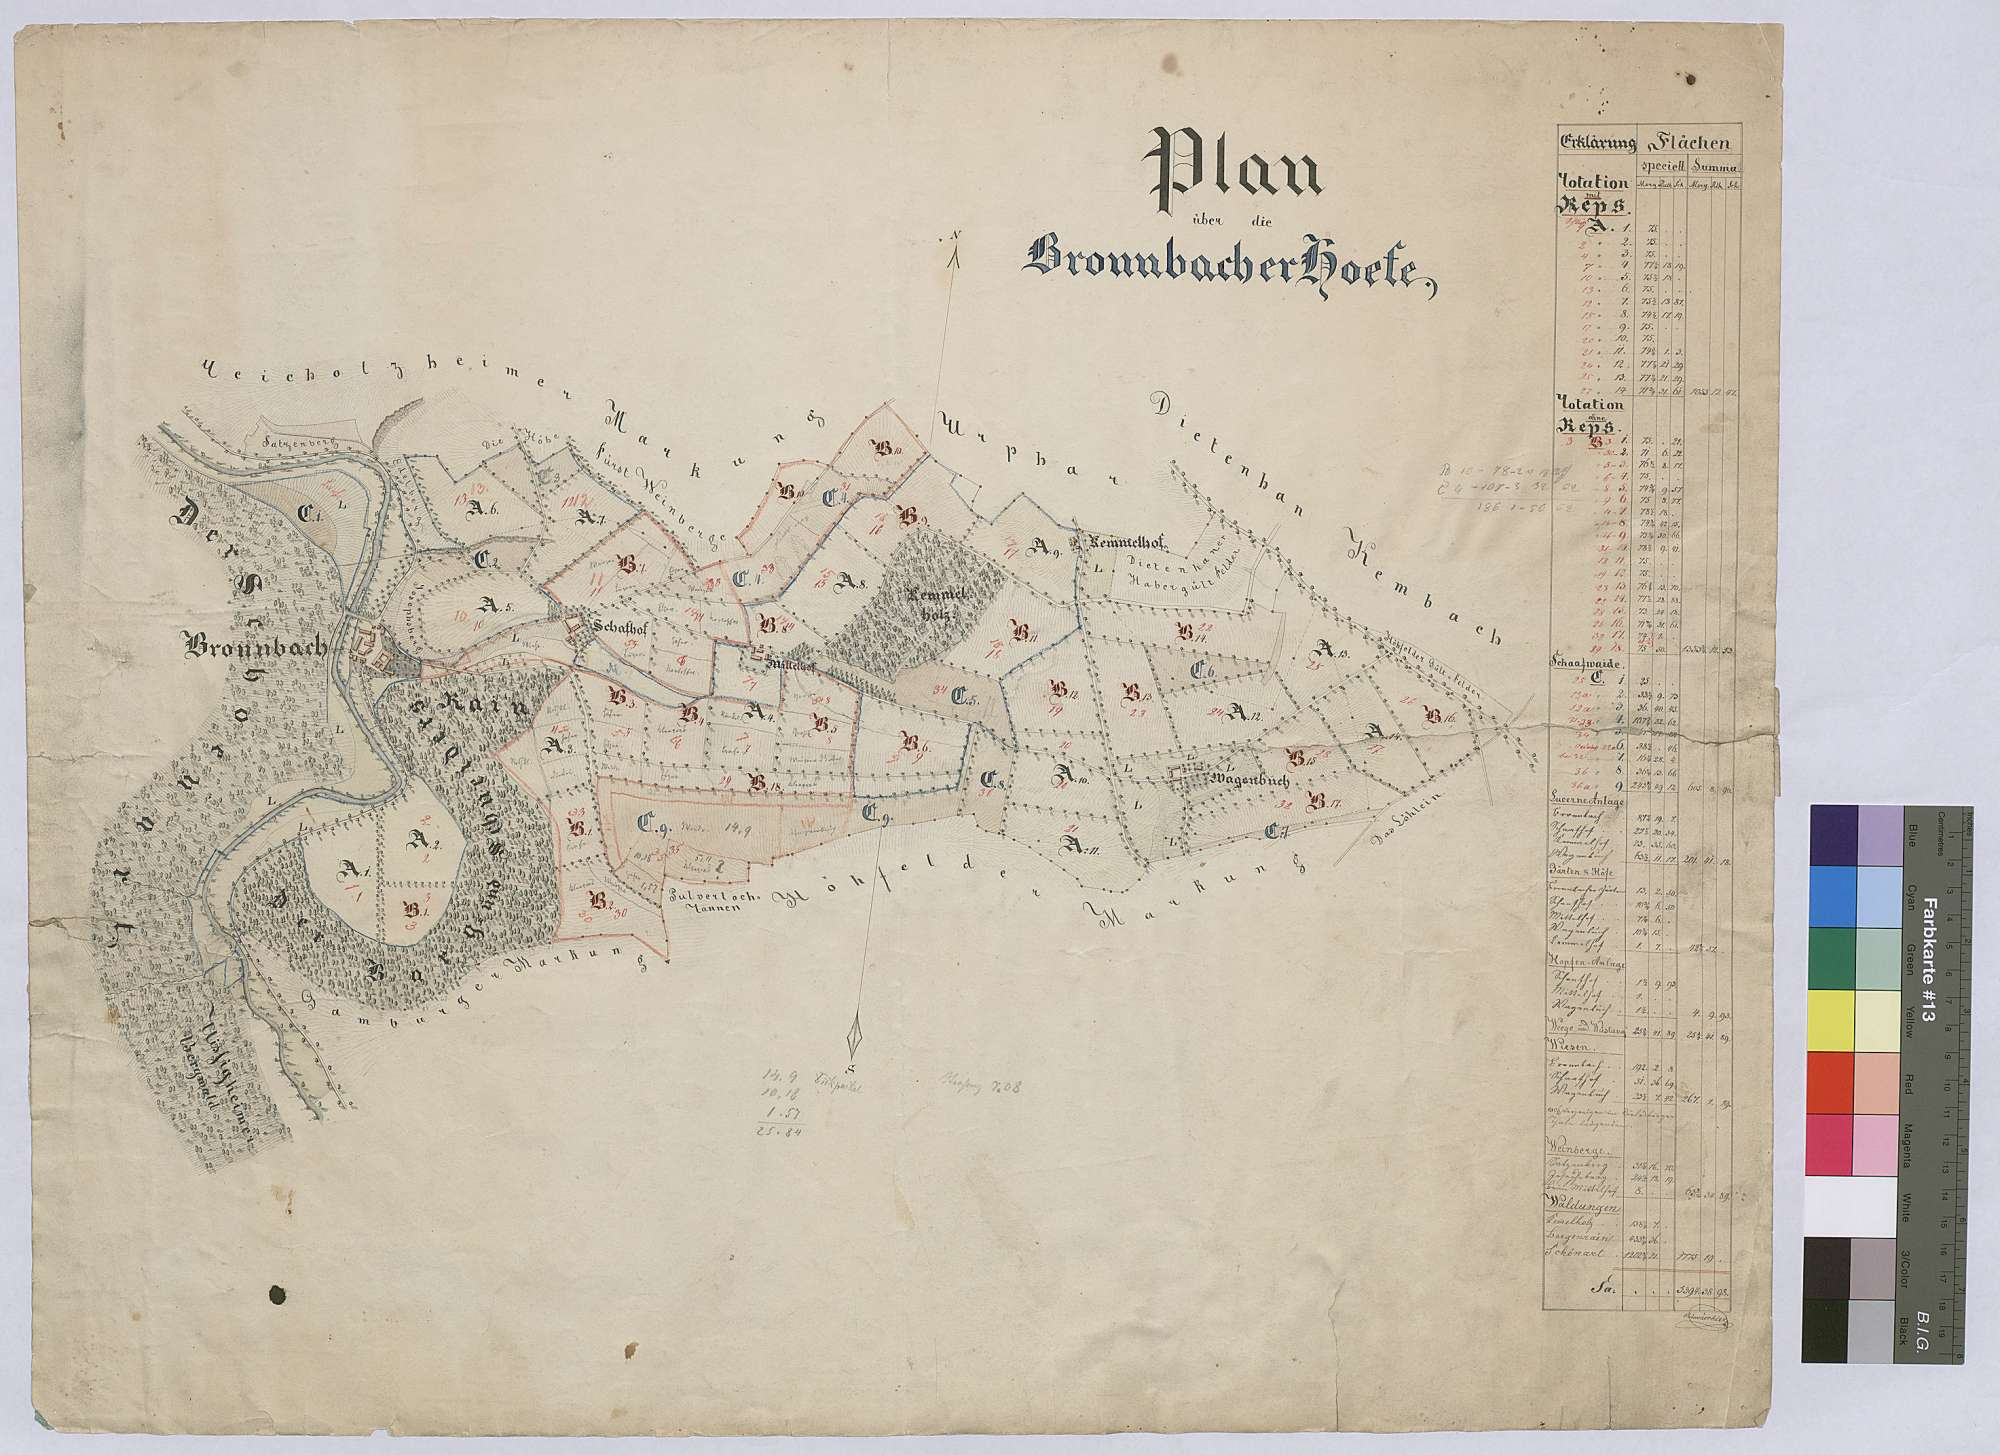 Bronnbacher Höfe (Inselkarte), Bild 1